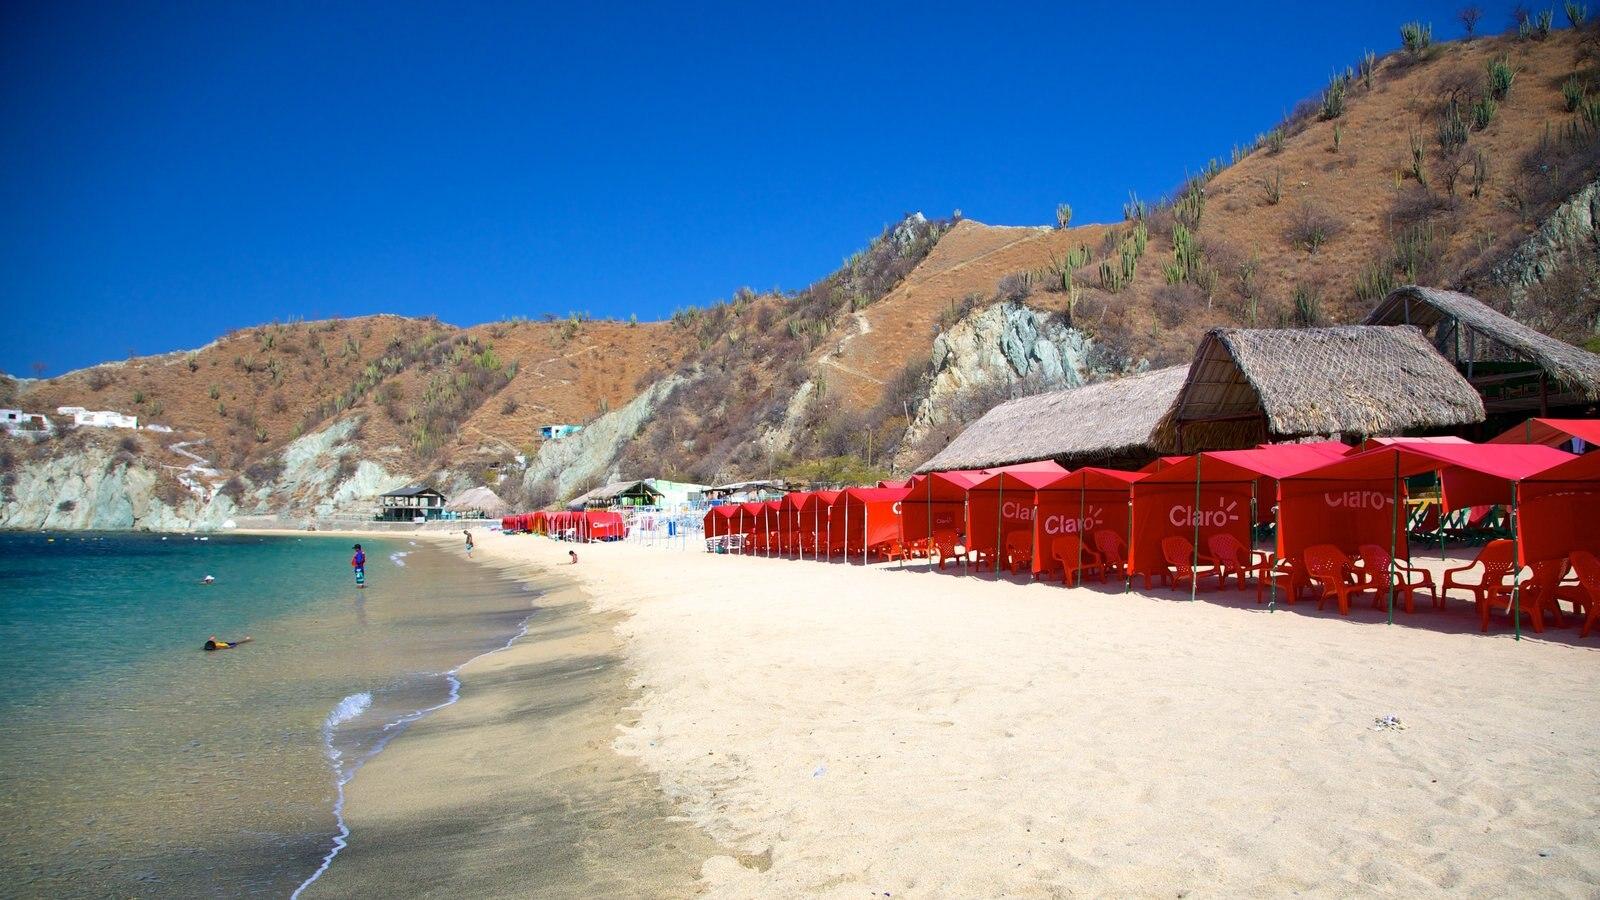 Blanca Beach which includes a beach